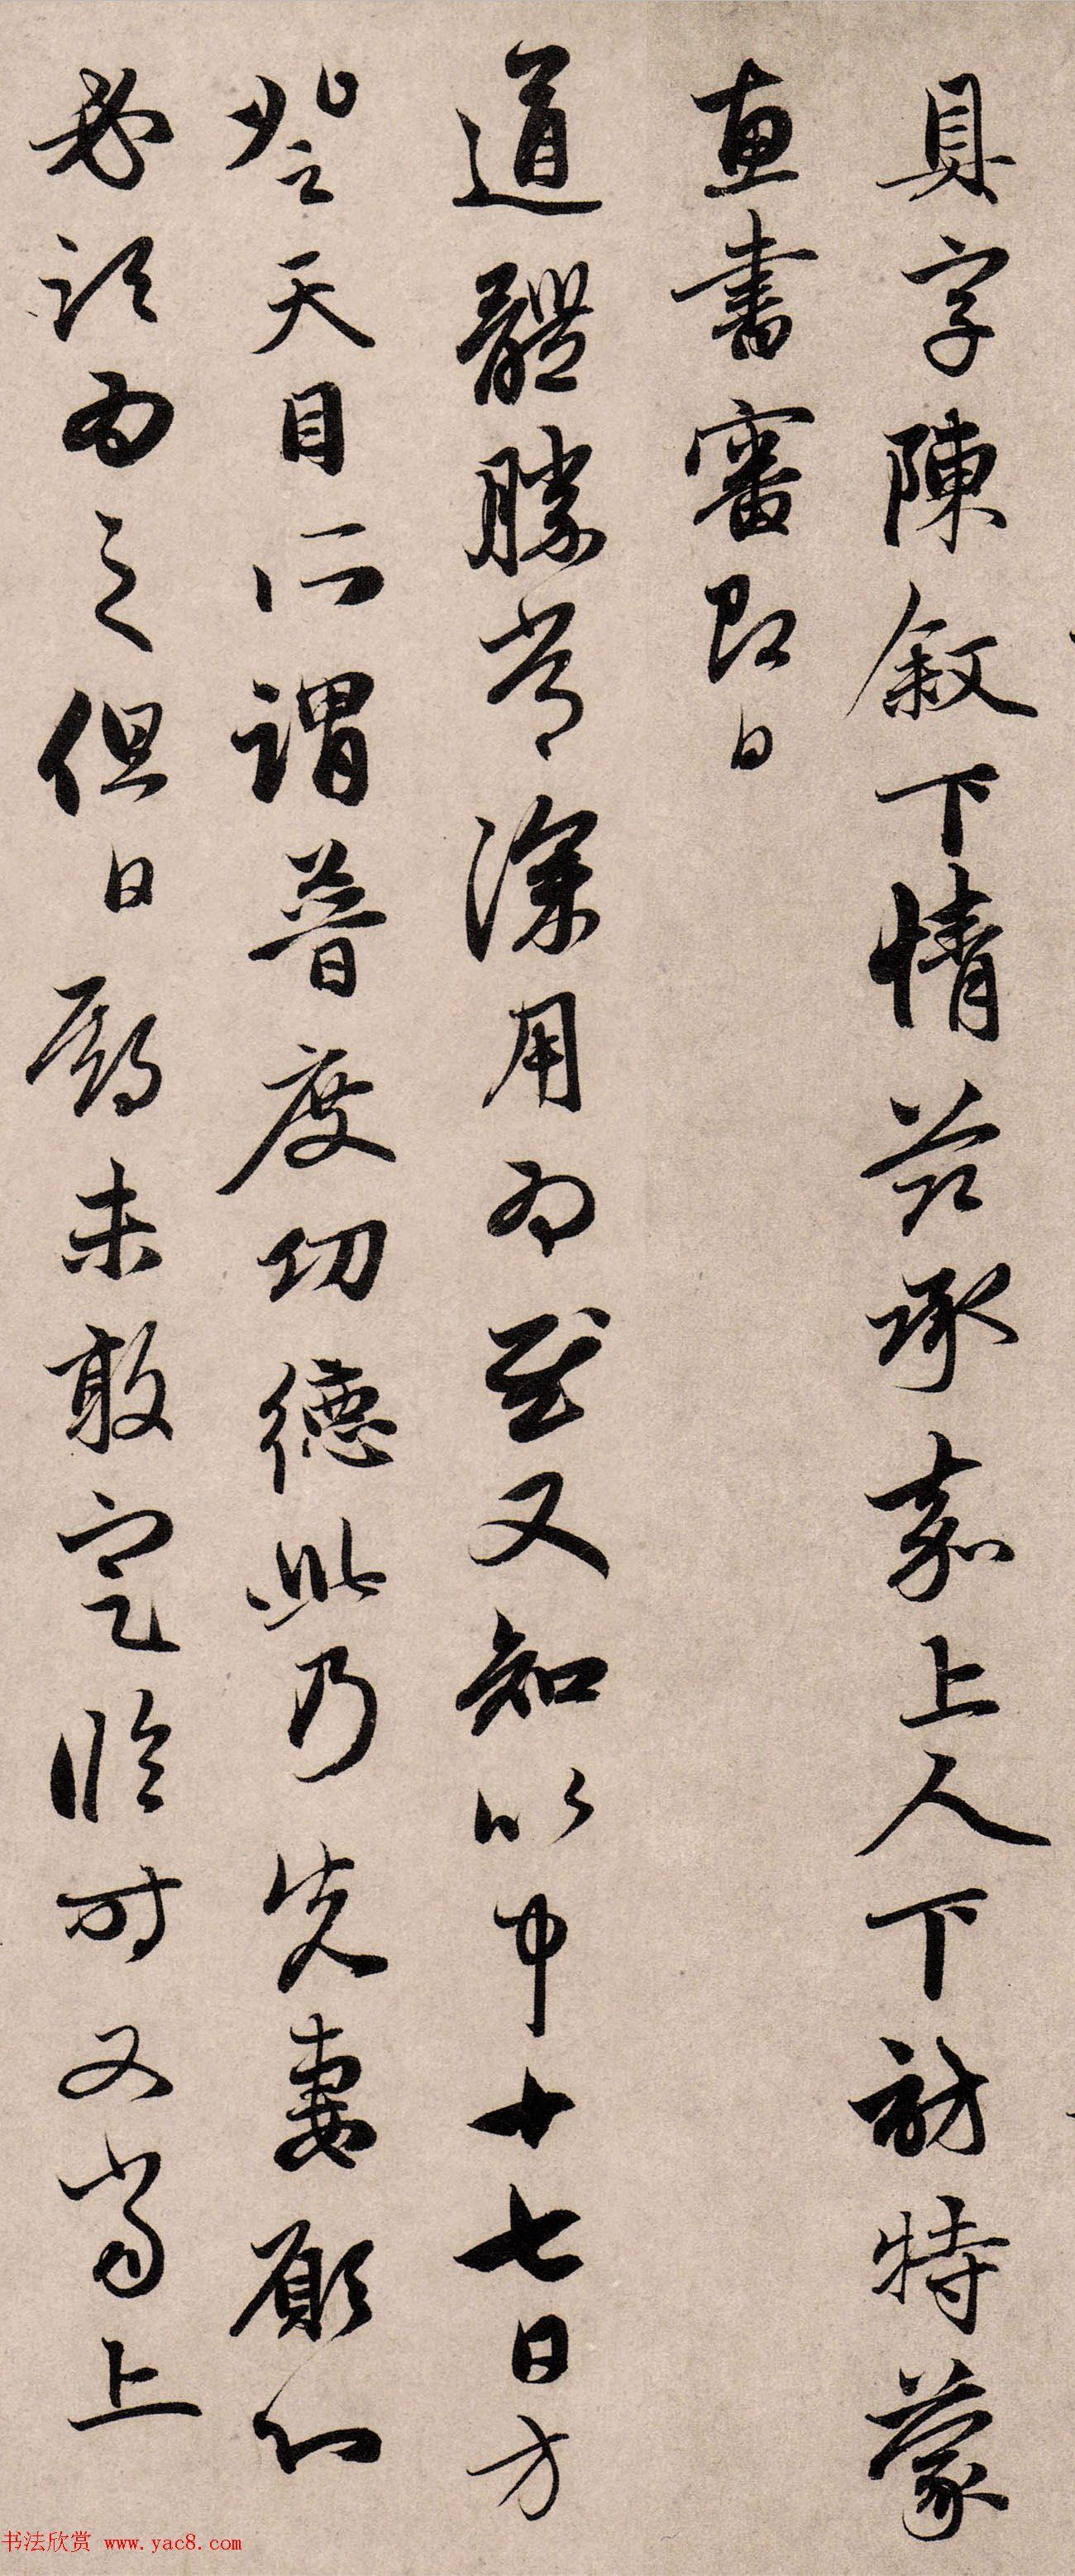 赵孟頫行书《以中还山帖》